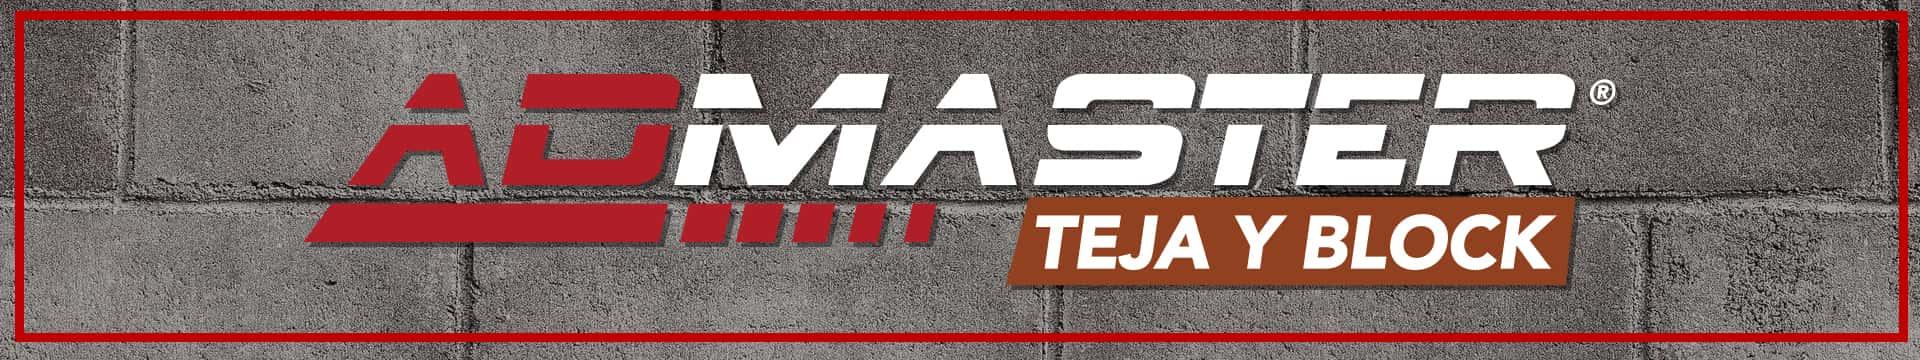 admaster teja y block-block-banner